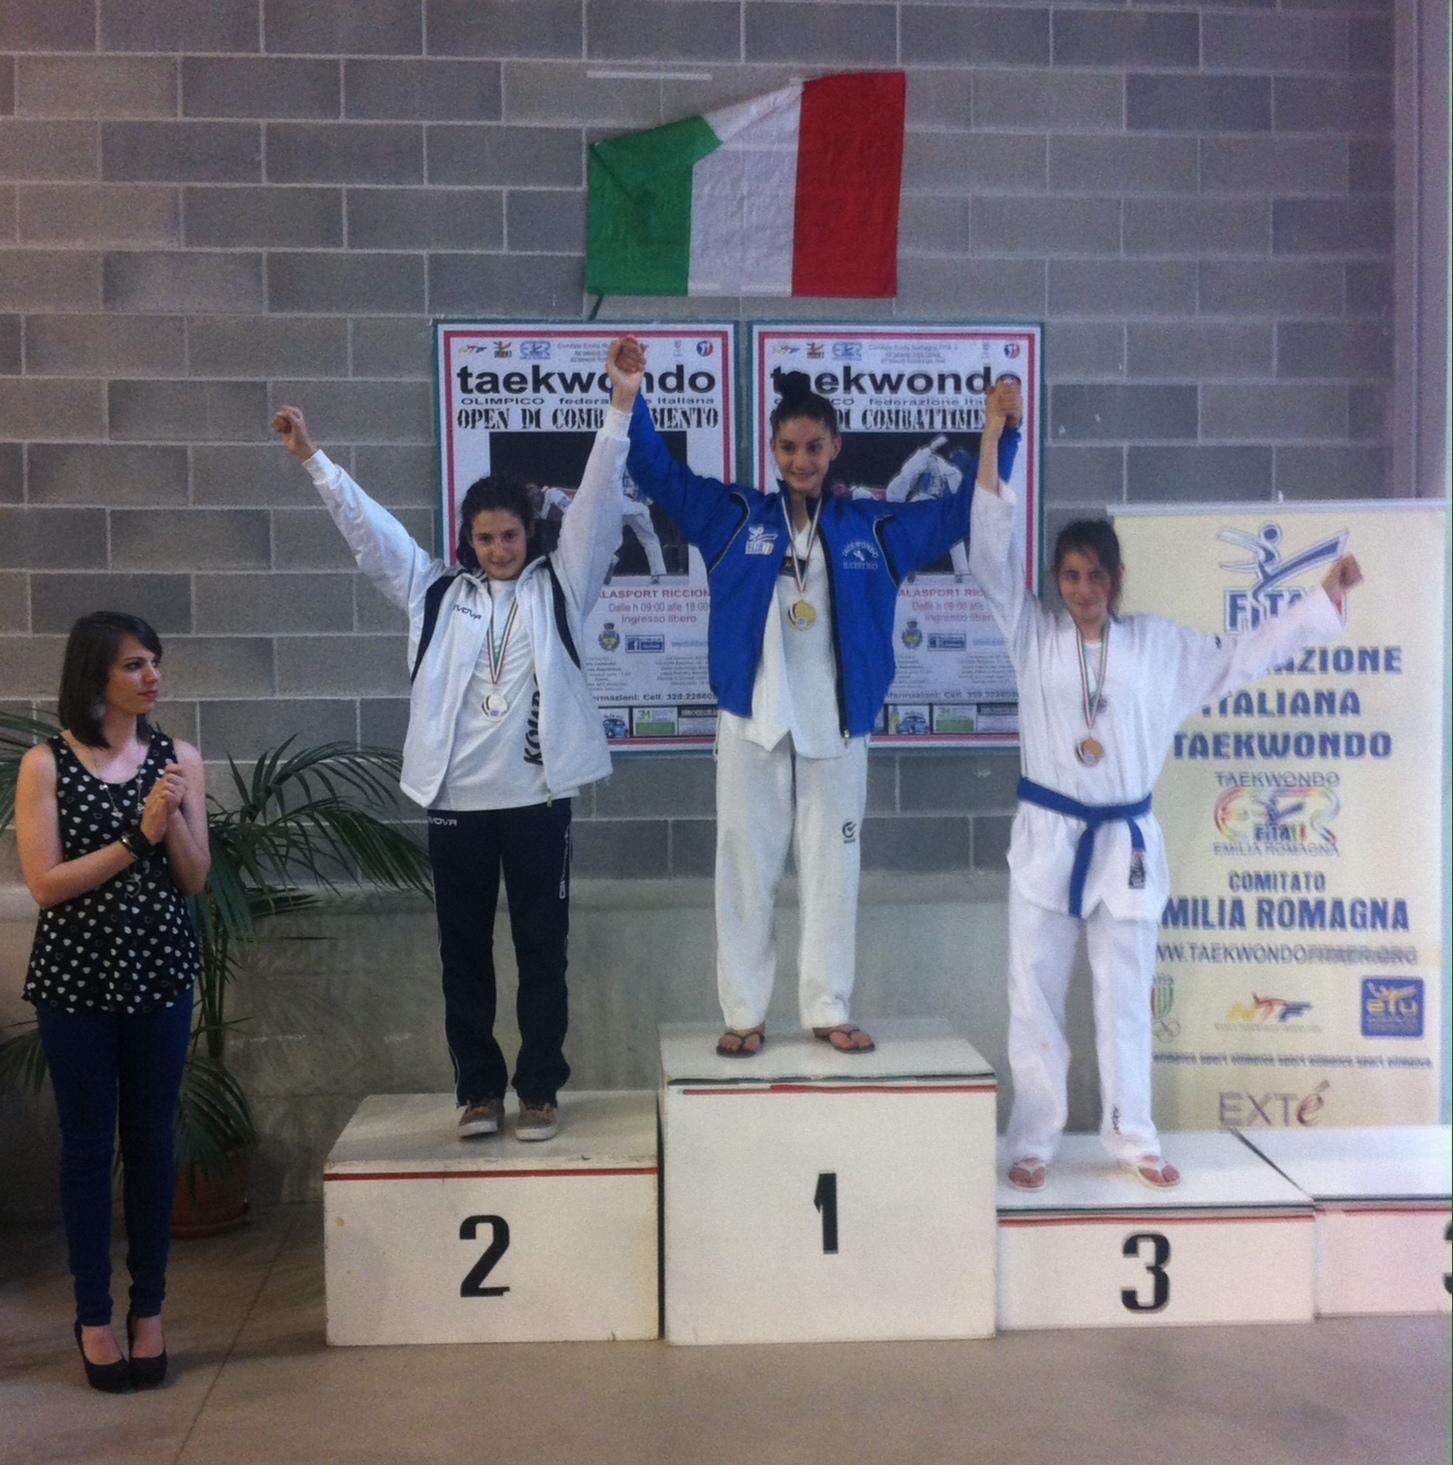 Teakwondo: la Kouros brilla agli interregionali di combattimento